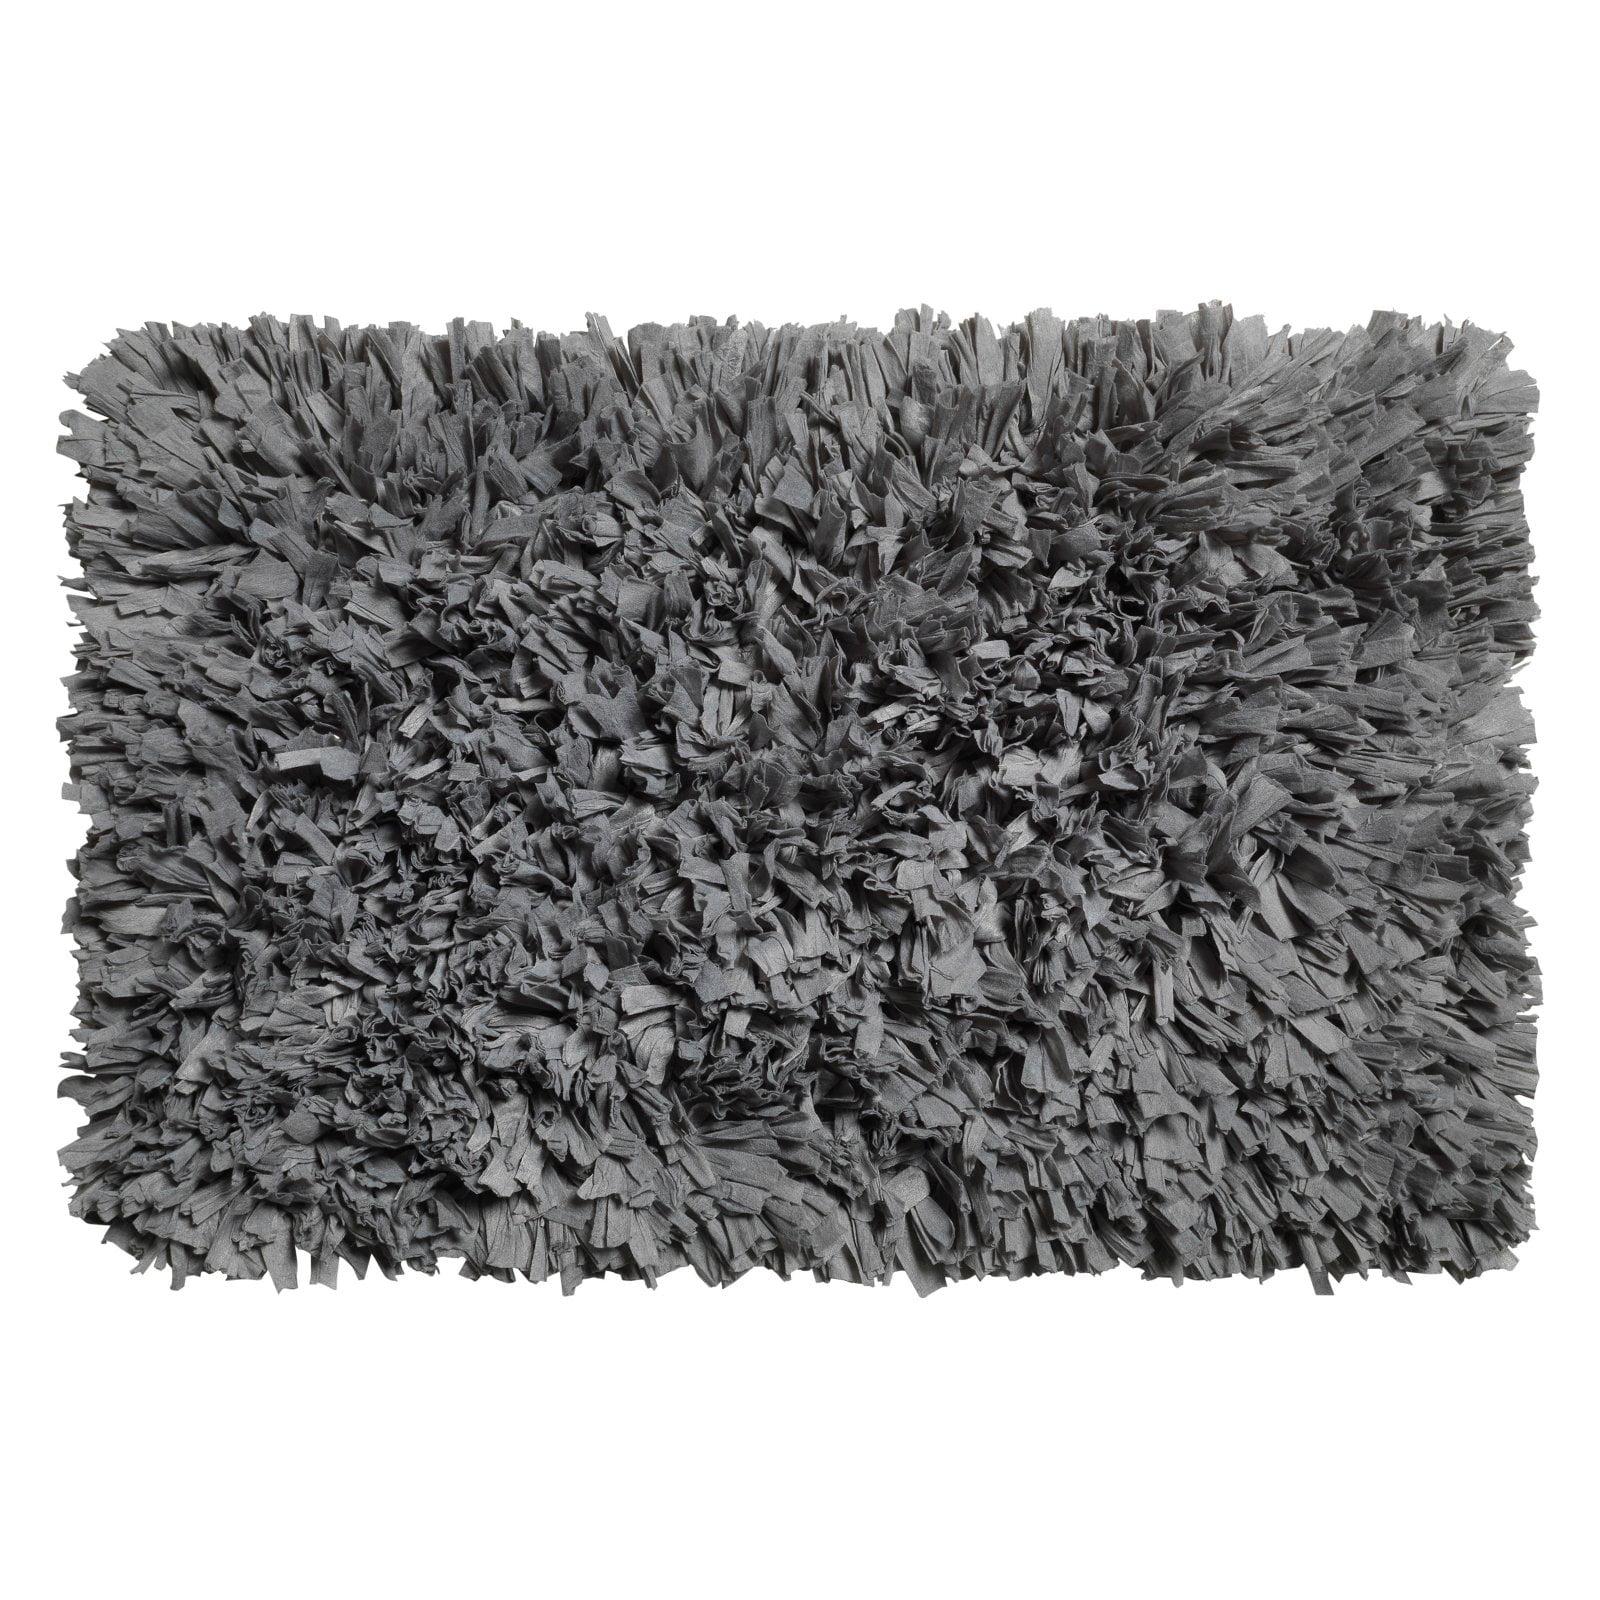 Paper Shag Cotton / Poly Blend Bath Mat, Pewter